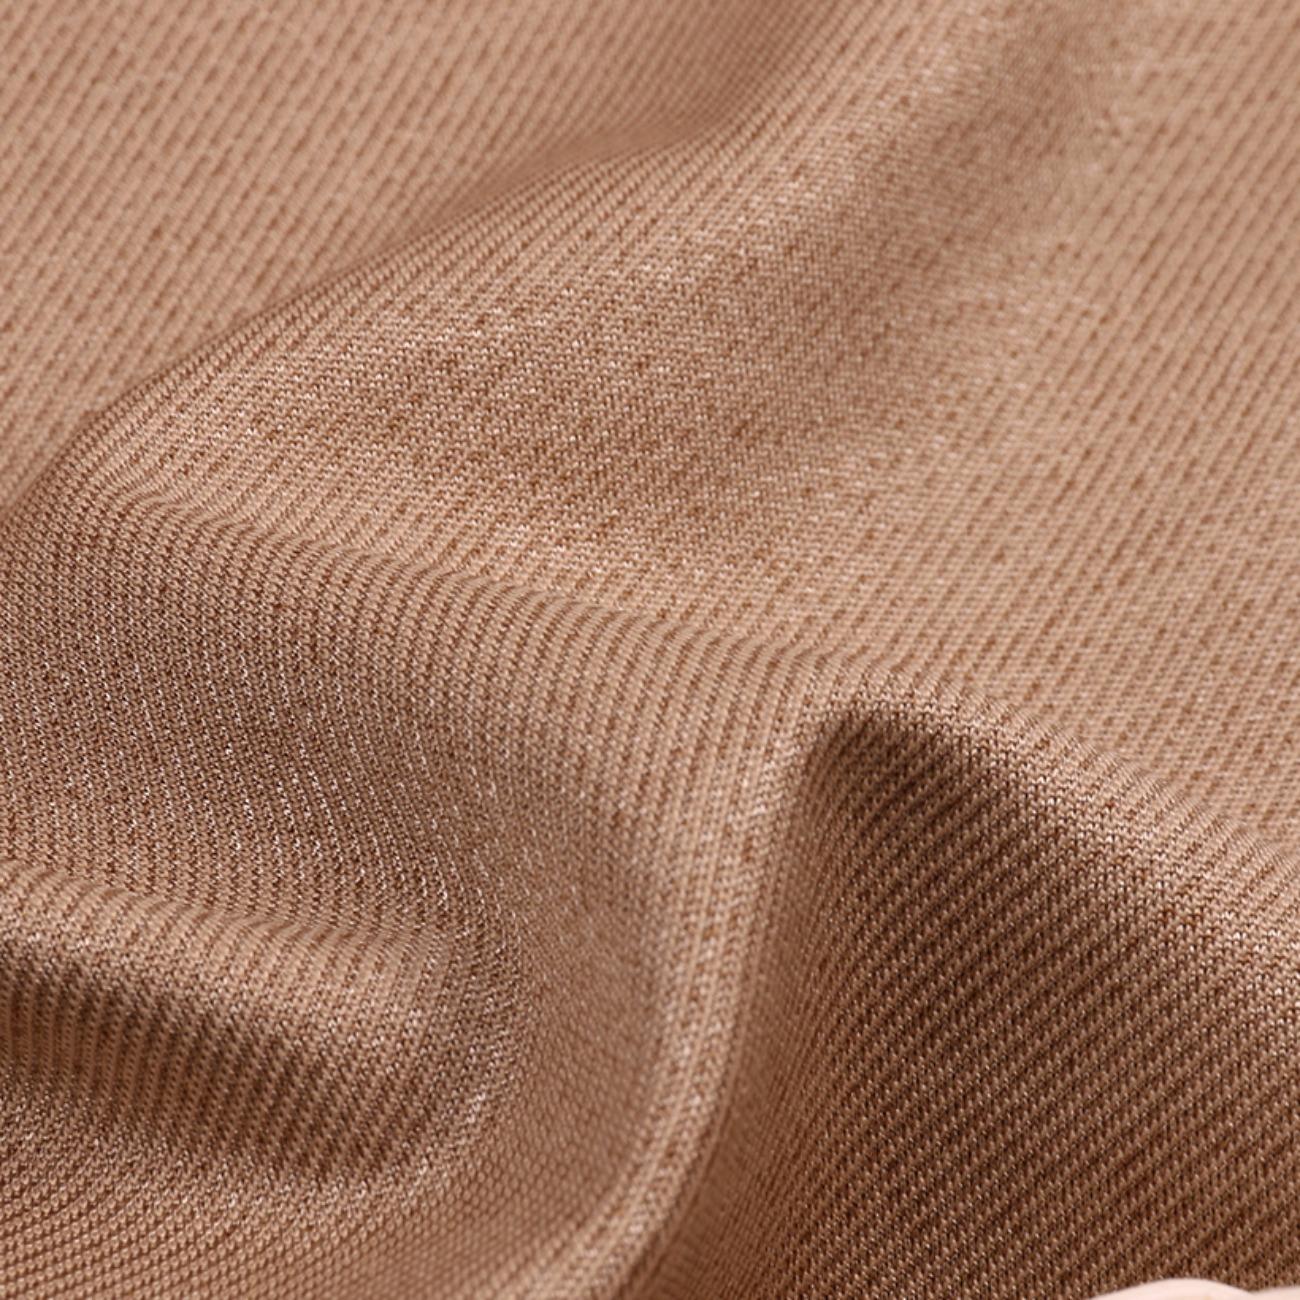 素色 针织 染色 斜纹 秋冬 无弹 针织衫 外套 男装 70117-13